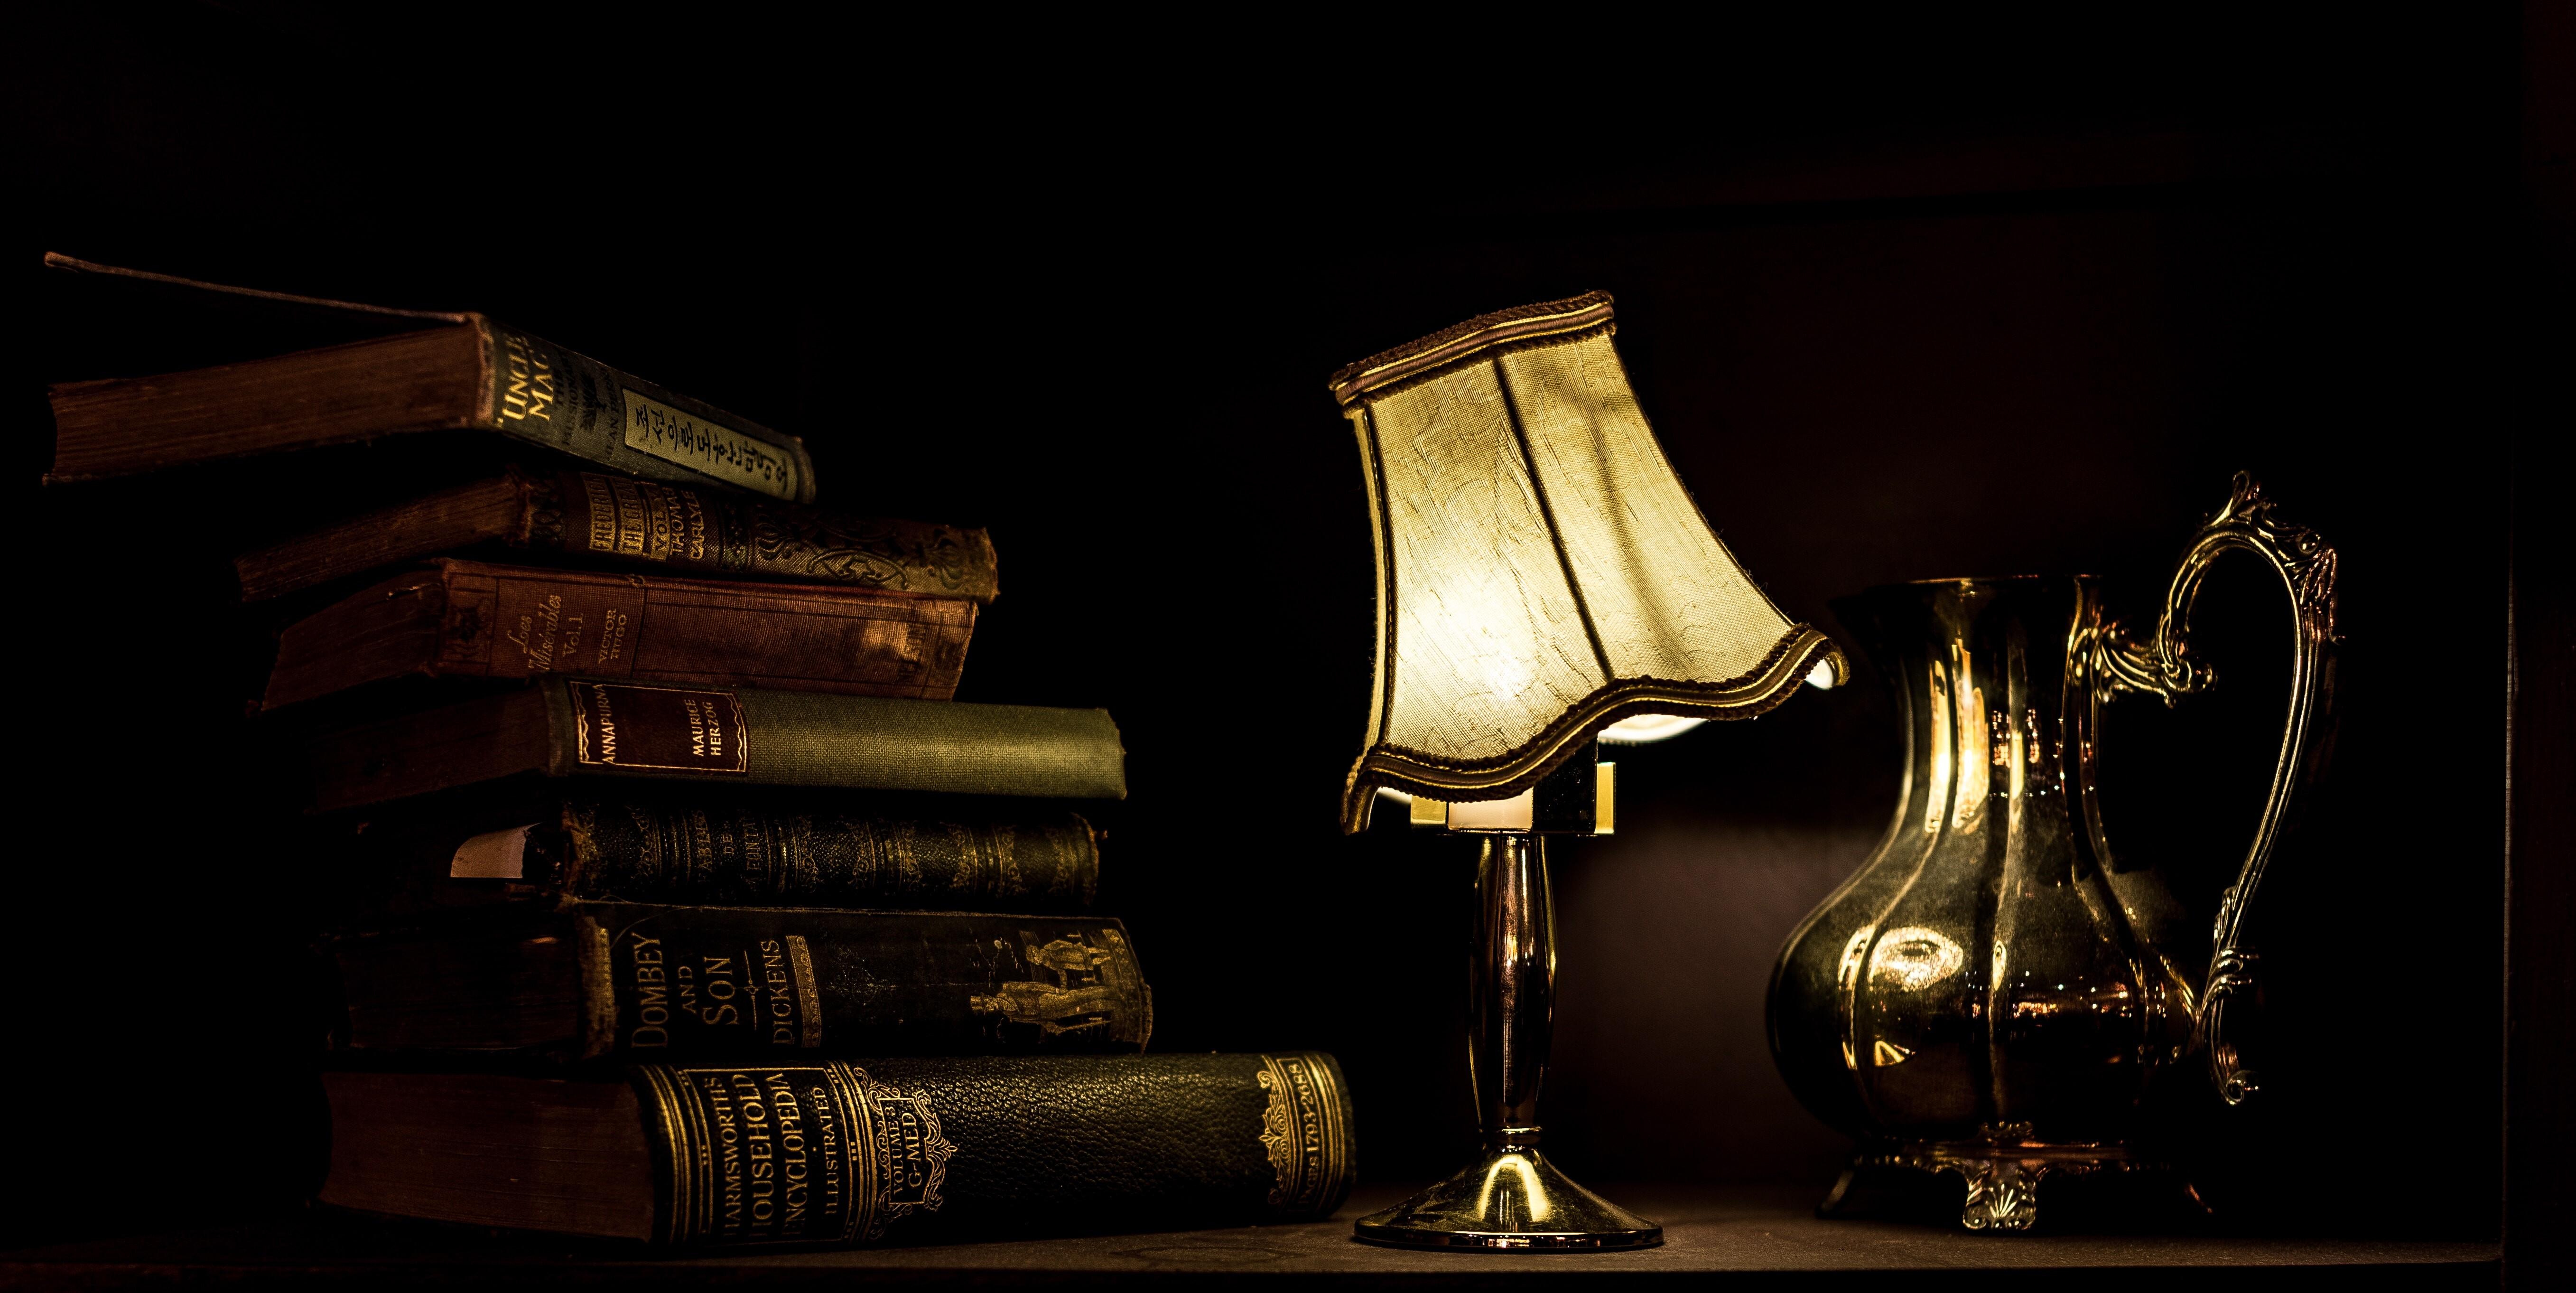 alte Bücher und eine Lampe